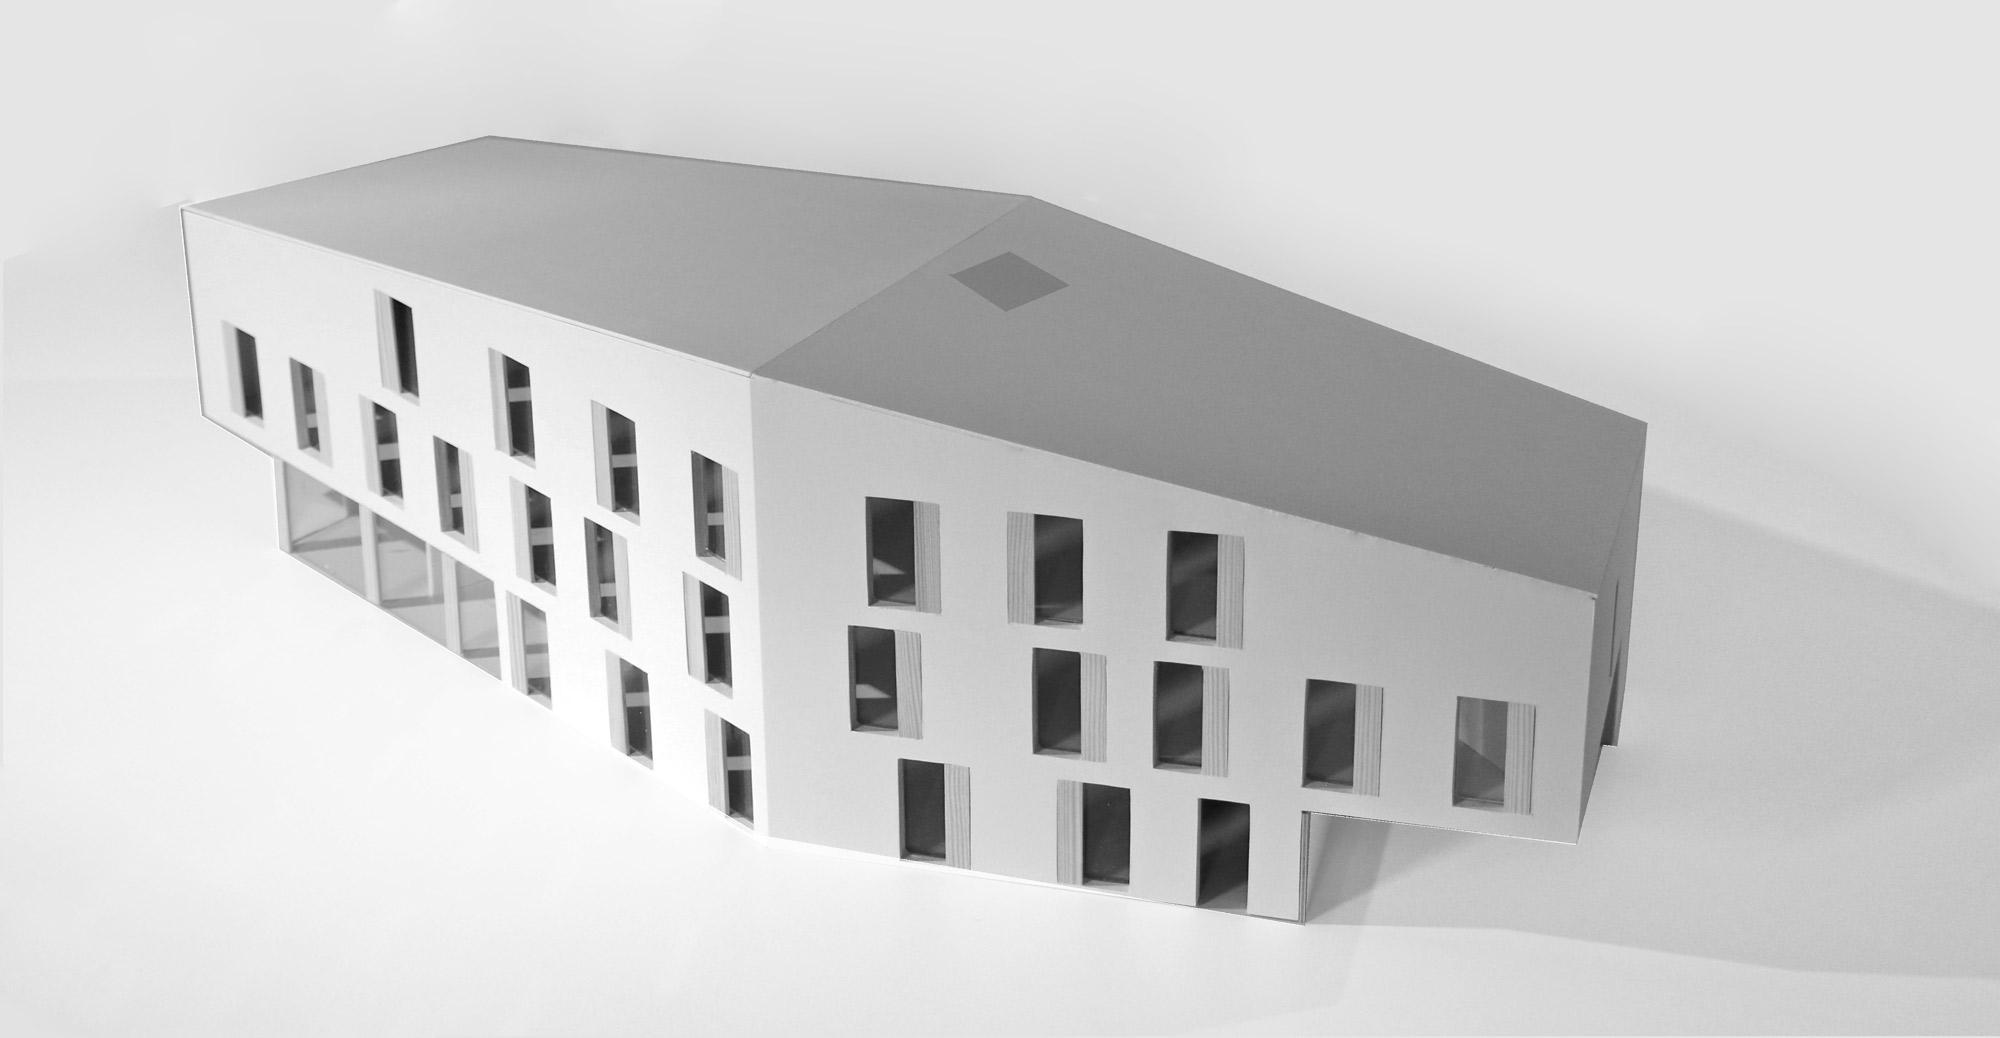 jc-droz-architecture-concours-chaloupe-003